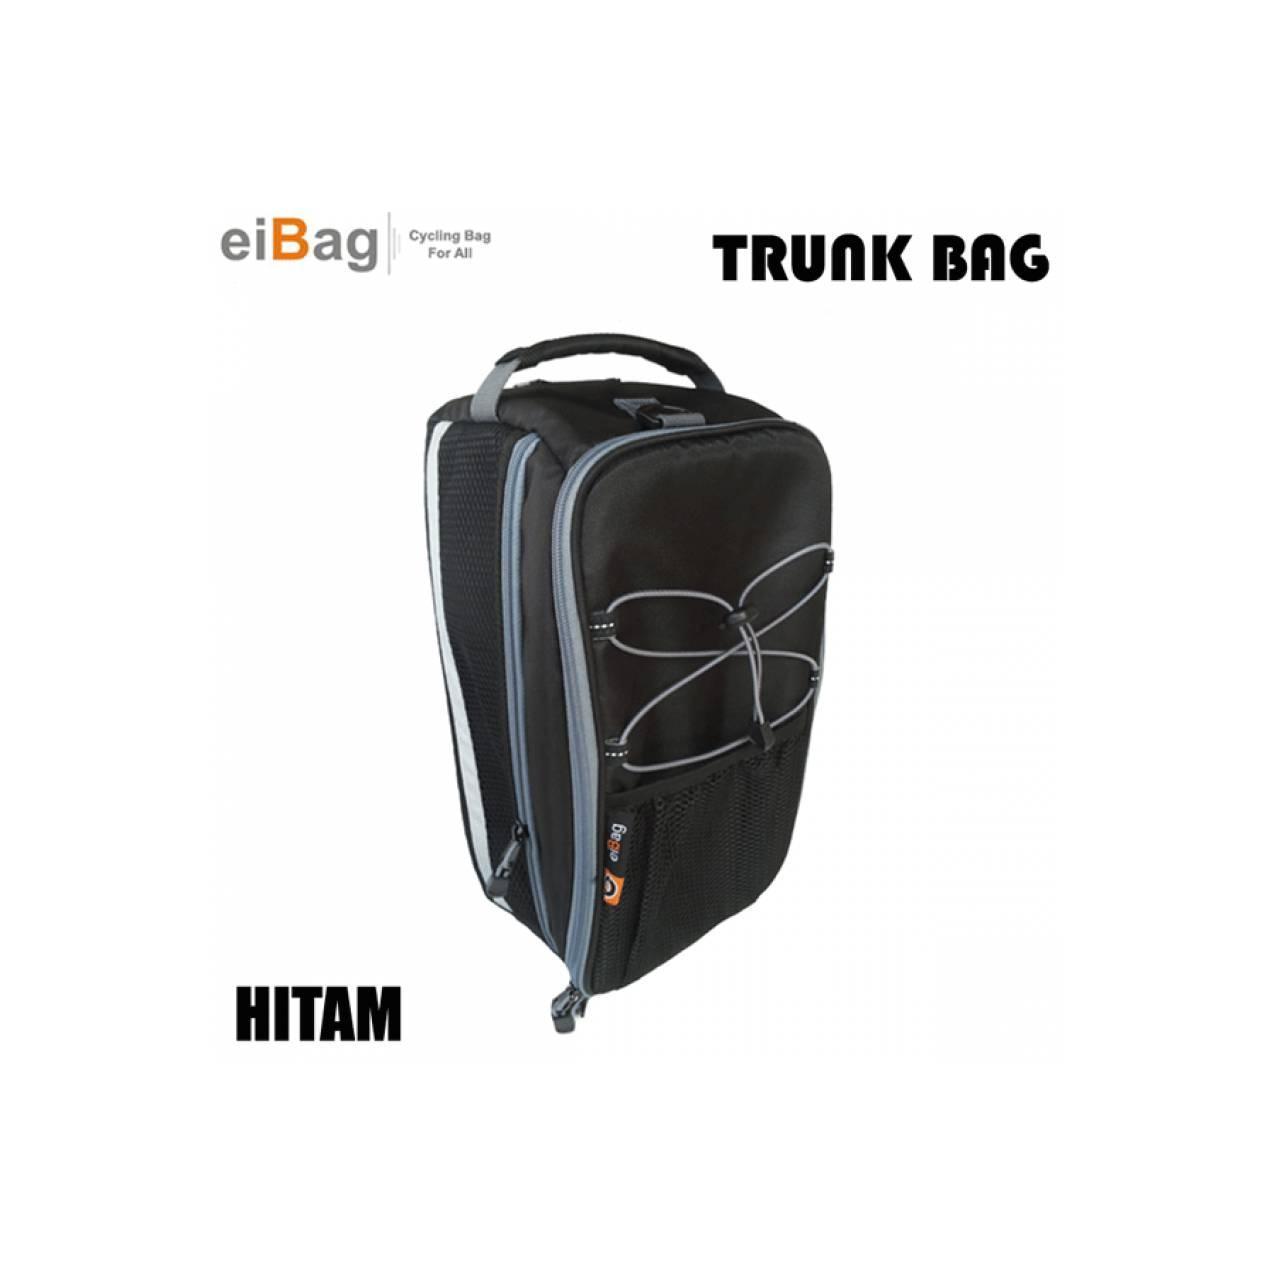 Palight Luar Ruangan Tahan Air Tas Frame Sepeda Hitam Page 5 Pannier Bagasi Trunk Bag Berkualitas